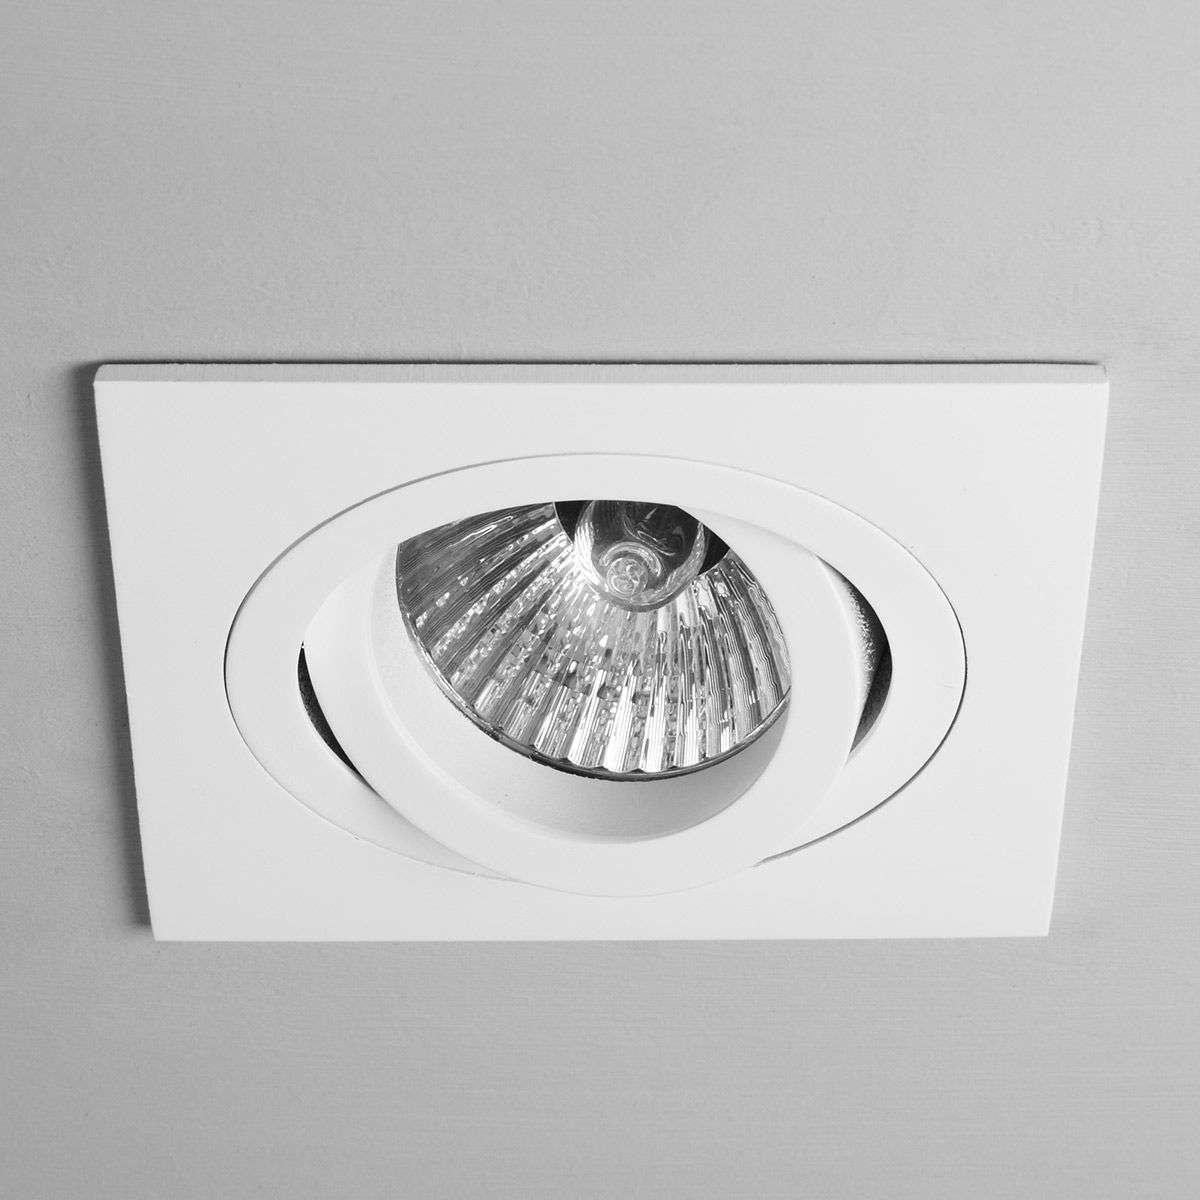 Taro Built-In Ceiling Spotlight Tiltable White-1020362-32